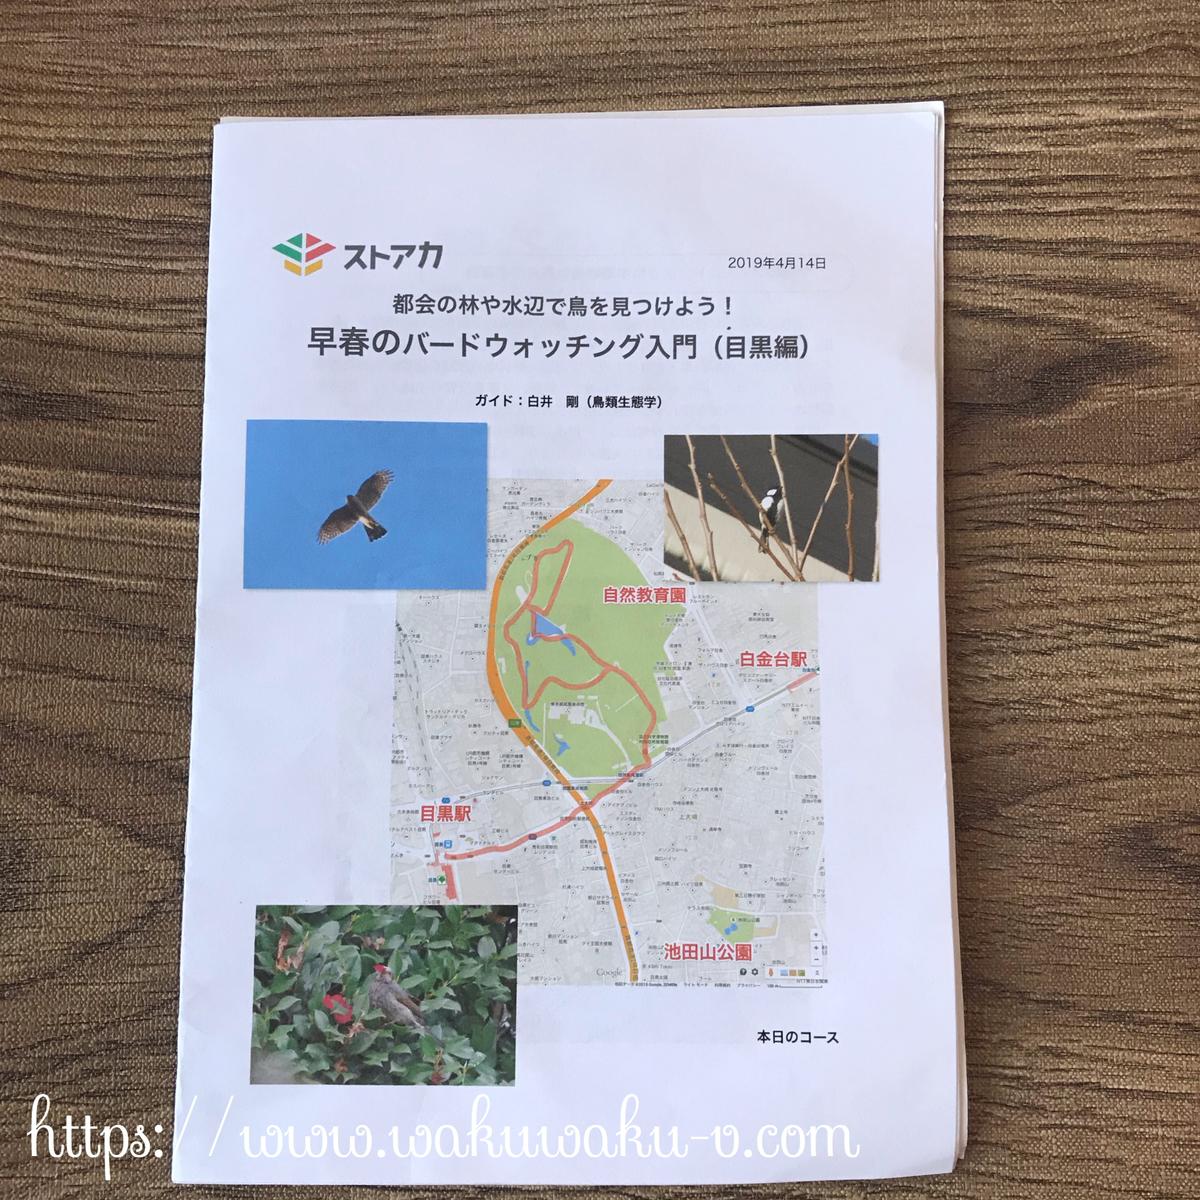 ストアカ 野鳥 おすすめ 都内 バードウォッチング  初心者 探鳥会